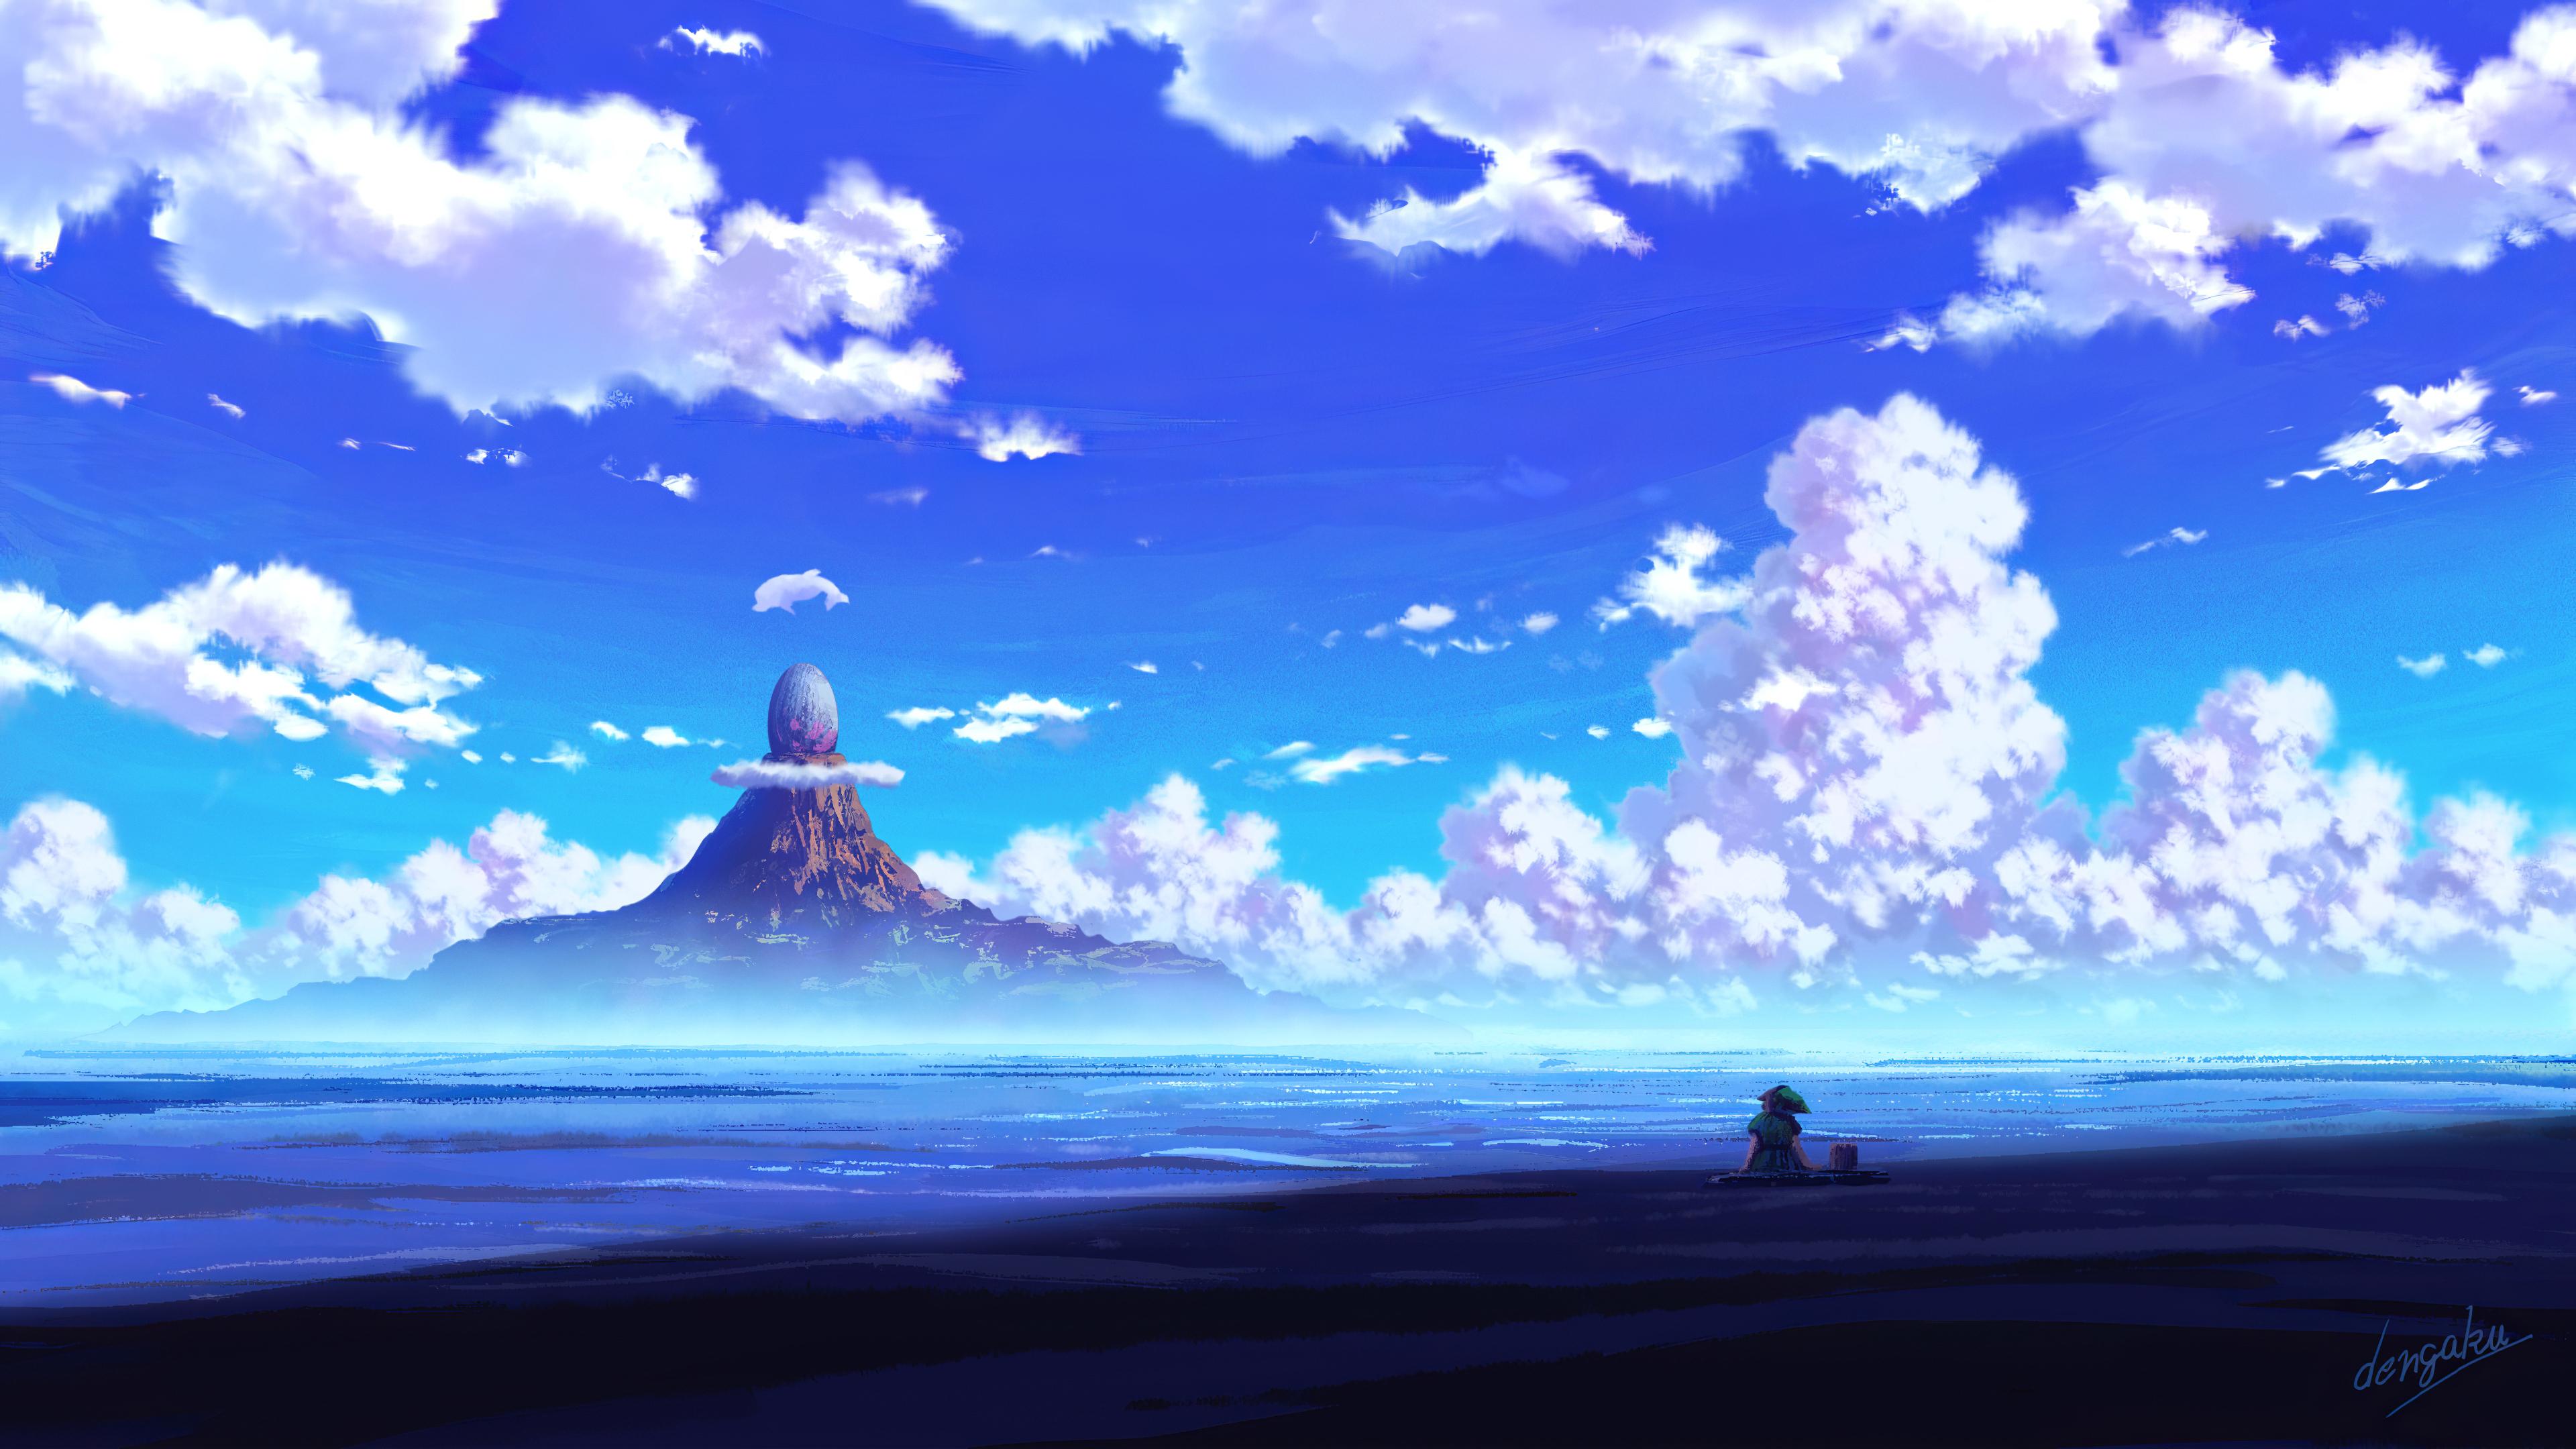 3840x2160 Anime Scenery Sitting 4k 4k HD 4k Wallpapers ...